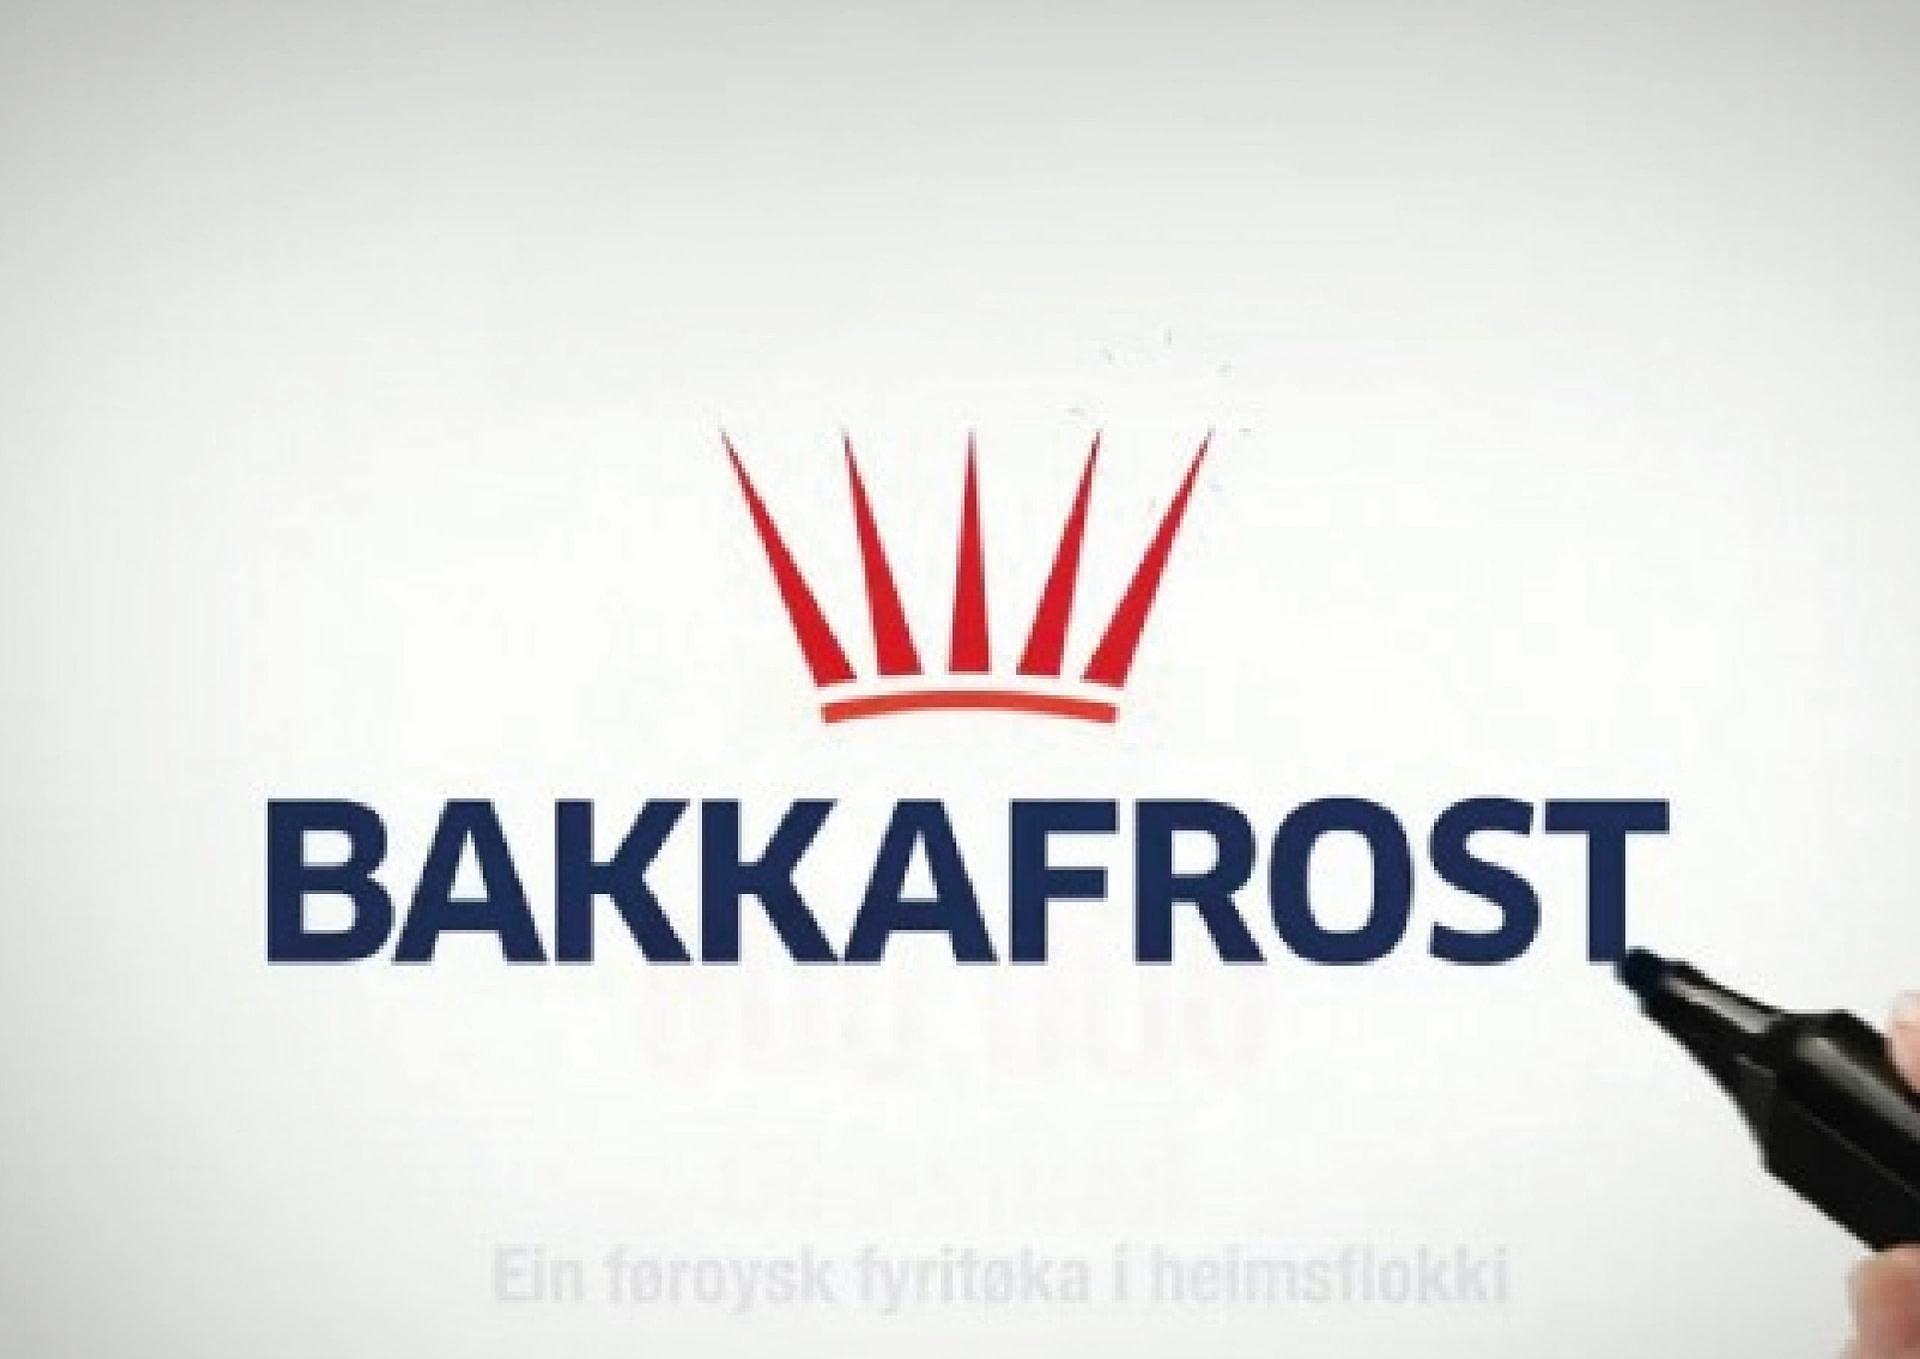 Bakkafrost explainer